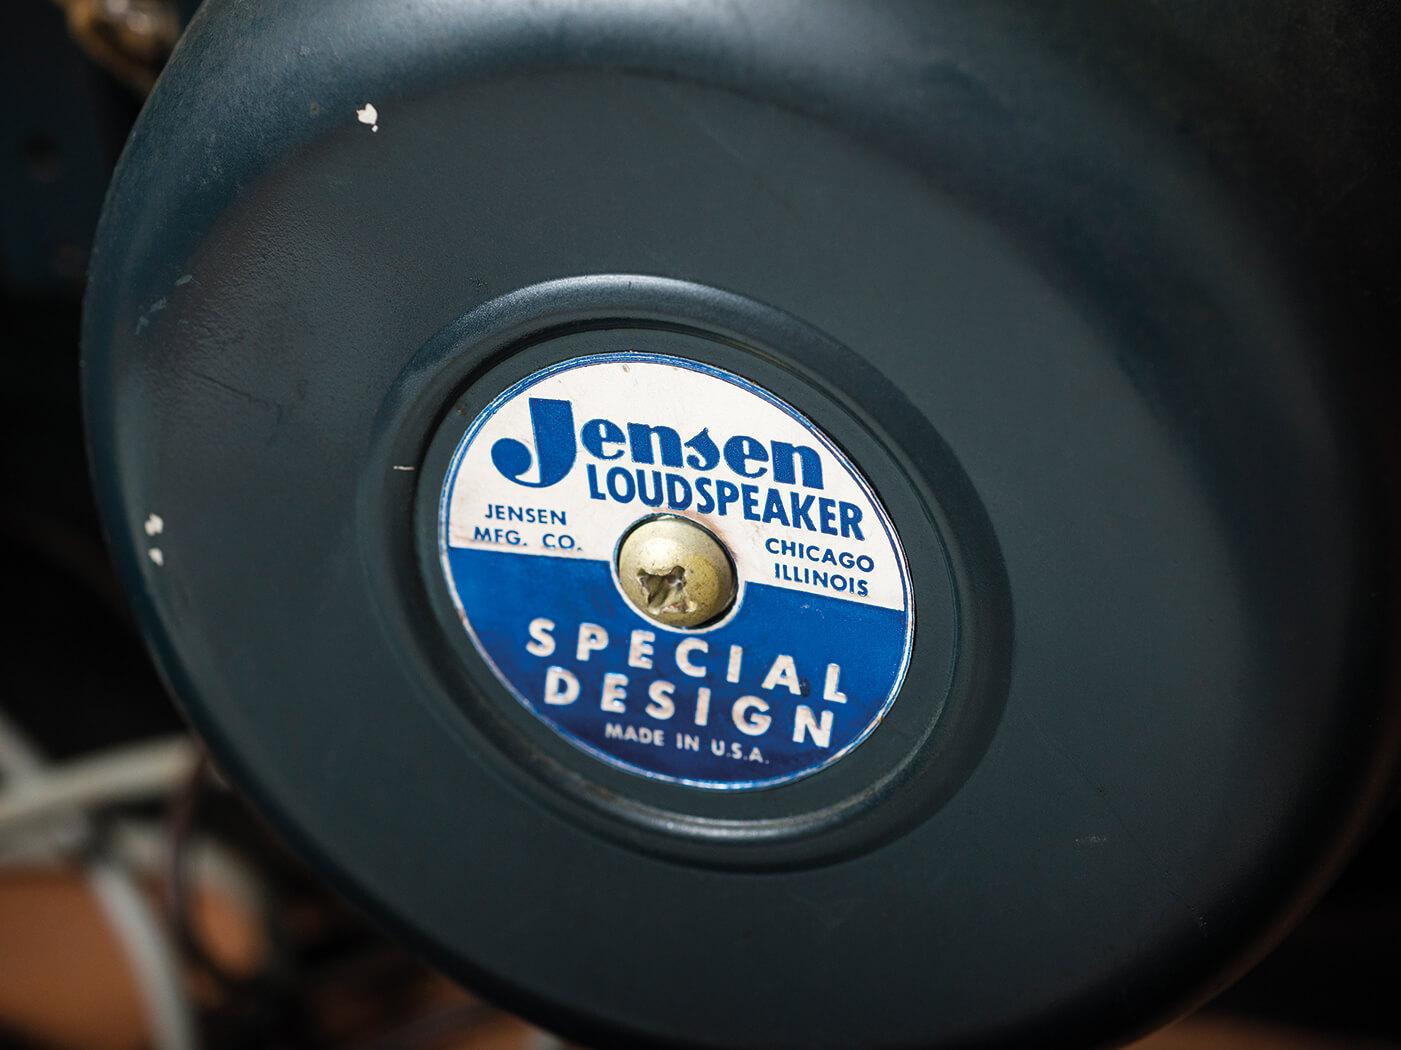 1961 Fender Pro Amp Jensen speakers